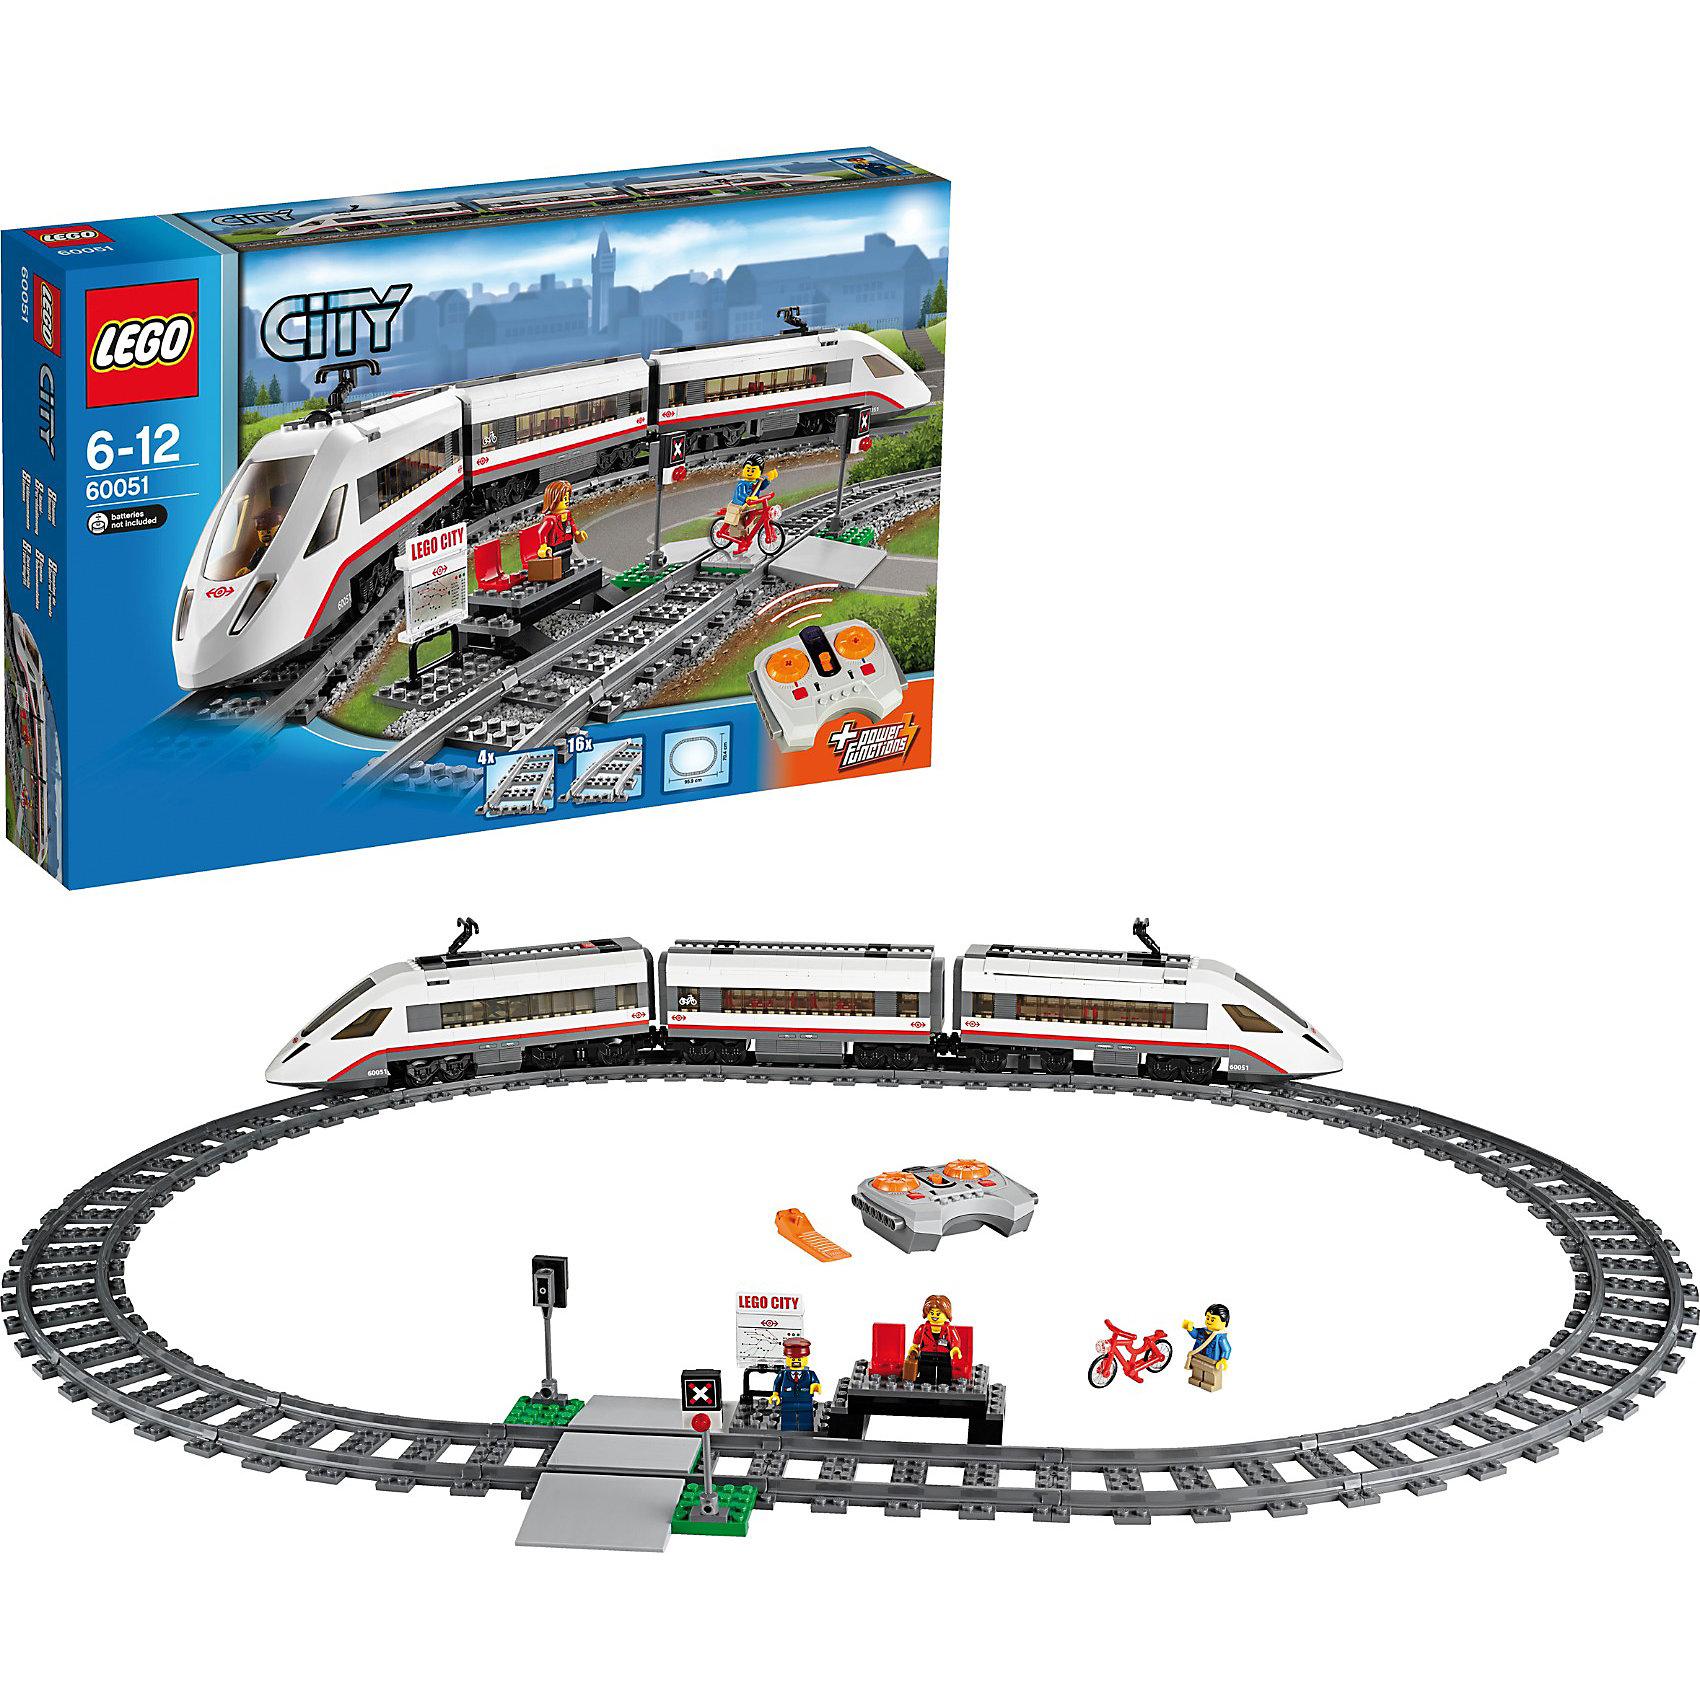 LEGO City 60051: Скоростной пассажирский поездИдеи подарков<br>Характеристики:<br><br>• Предназначение: набор для конструирования, сюжетно-ролевые игры<br>• Пол: для мальчиков<br>• Материал: пластик<br>• Цвет: серый, белый, оранжевый, бордовый<br>• Серия LEGO: City<br>• Размер упаковки (Д*Ш*В): 58,2*10,3*37,8 см<br>• Вес: 2 кг 228 г<br>• Количество деталей: 610 шт.<br>• Наличие дистанционного управления<br>• Комплектация: рельсы, вагончики, 3 мини-фигурки, аксессуары<br>• Батарейки: 9 шт. типа ААА (в комплекте не предусмотрены)<br><br>LEGO City 60051: Скоростной пассажирский поезд – набор от всемирно известного производителя конструкторов для детей всех возрастных категорий. LEGO City 60051: Скоростной пассажирский поезд является базовым набором серии City. Набор включает в себя рельсы для железной дороги, 3 вагончика, 3 мини-фигурки, светофор, детали для железно-дорожной платформы. Поезд управляется с помощью пульта дистанционного управления, имеет 7 скоростей движения. В комплекте предусмотрена яркая инструкция, которая научит вашего ребенка действовать по образцу. <br>Игры с конструкторами LEGO развивают усидчивость, внимательность, мелкую моторику рук, способствуют формированию конструкторского мышления. С набором LEGO City 60051: Скоростной пассажирский поезд ваш ребенок сможет придумывать целые сюжетные истории, развивая тем самым воображение и обогащая свой словарный запас. <br><br>LEGO City 60051: Скоростной пассажирский поезд можно купить в нашем интернет-магазине.<br><br>Ширина мм: 582<br>Глубина мм: 372<br>Высота мм: 105<br>Вес г: 2183<br>Возраст от месяцев: 60<br>Возраст до месяцев: 144<br>Пол: Мужской<br>Возраст: Детский<br>SKU: 3623202